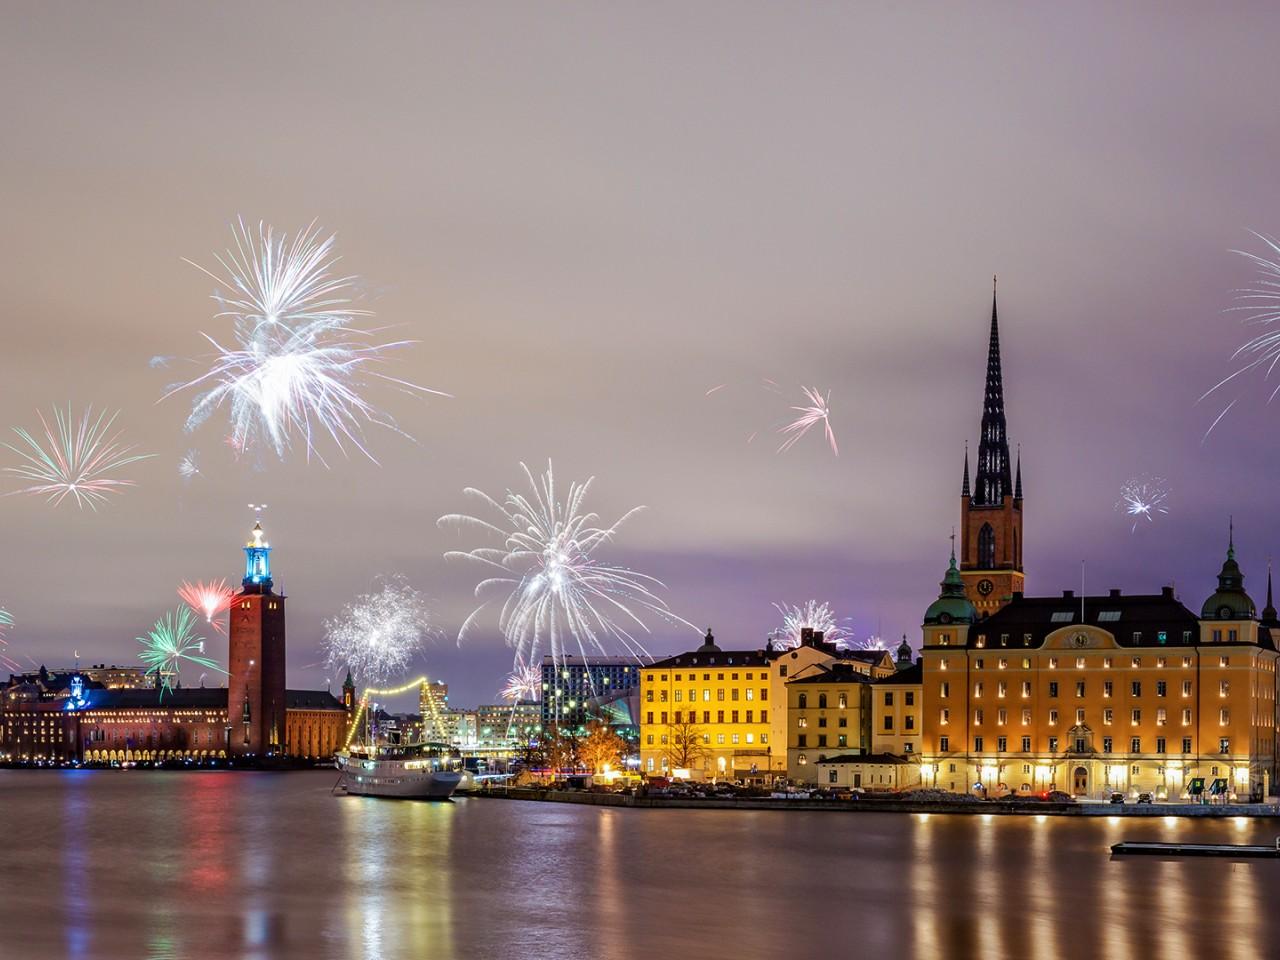 In Svezia, un Capodanno indimenticabile